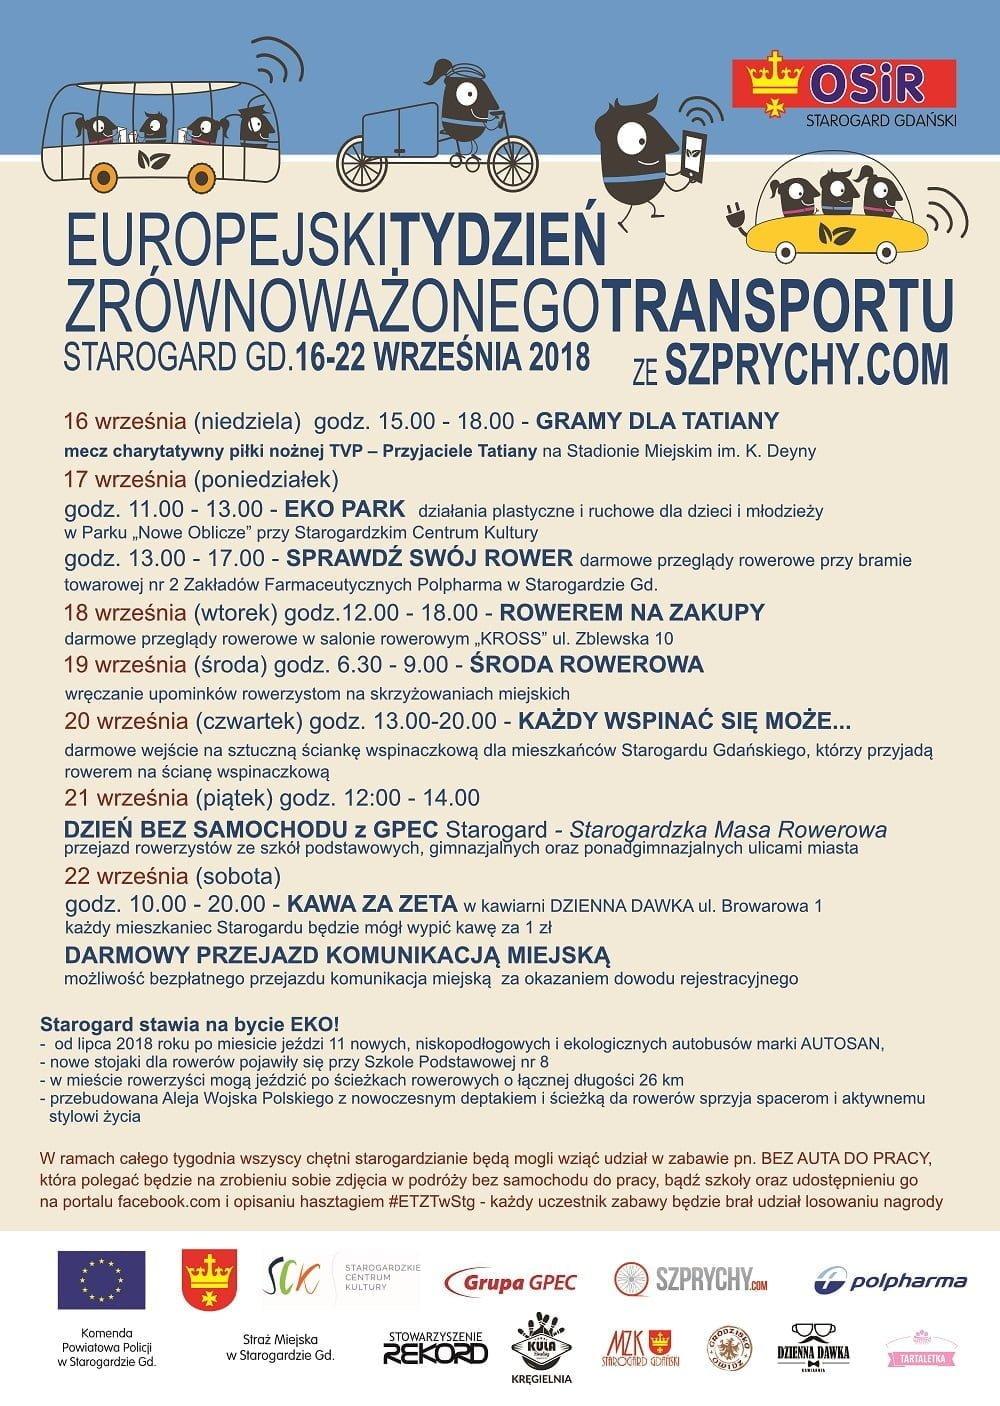 Europejski Tydzień Zrównoważonego Transportu - EKO PARK